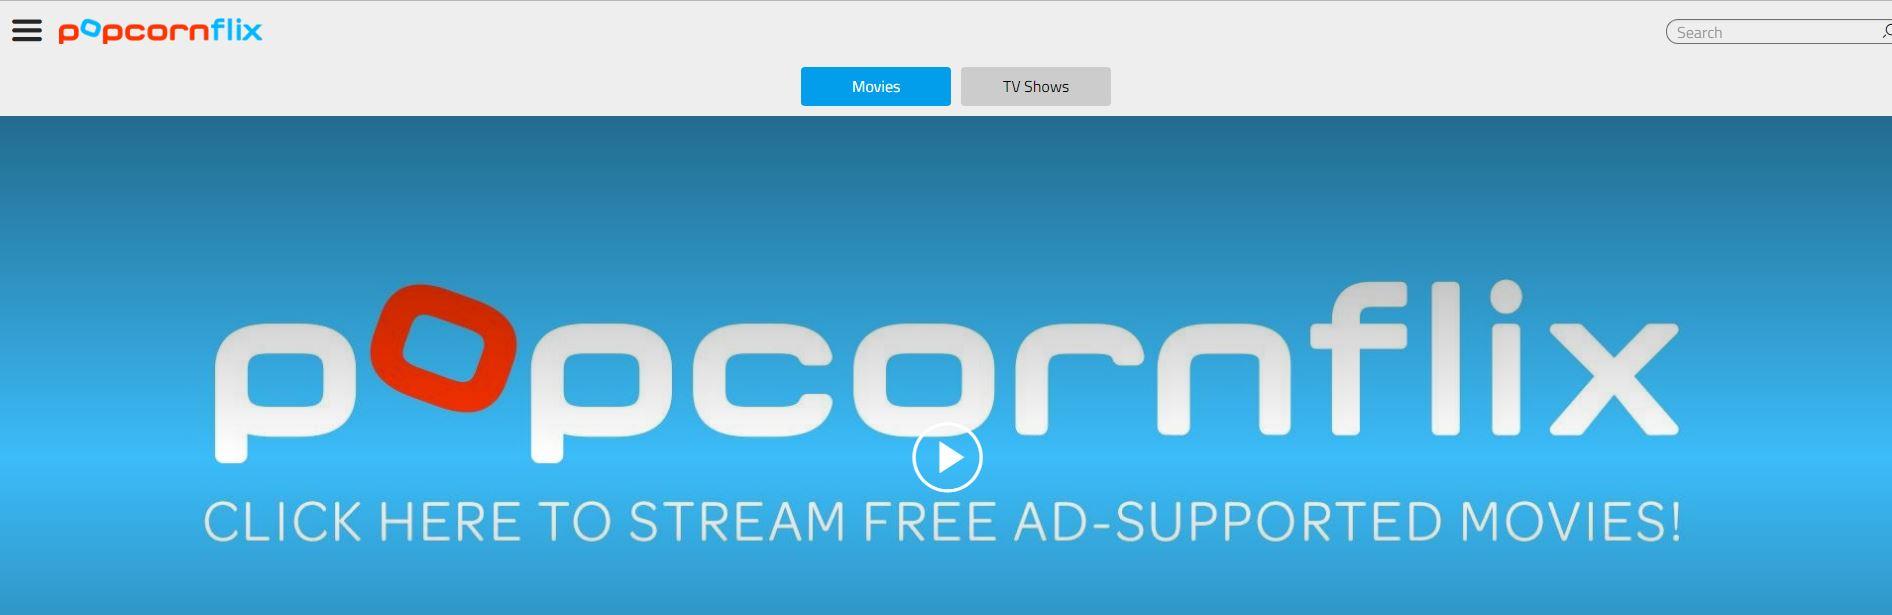 Screenshot of PopcornFlix website